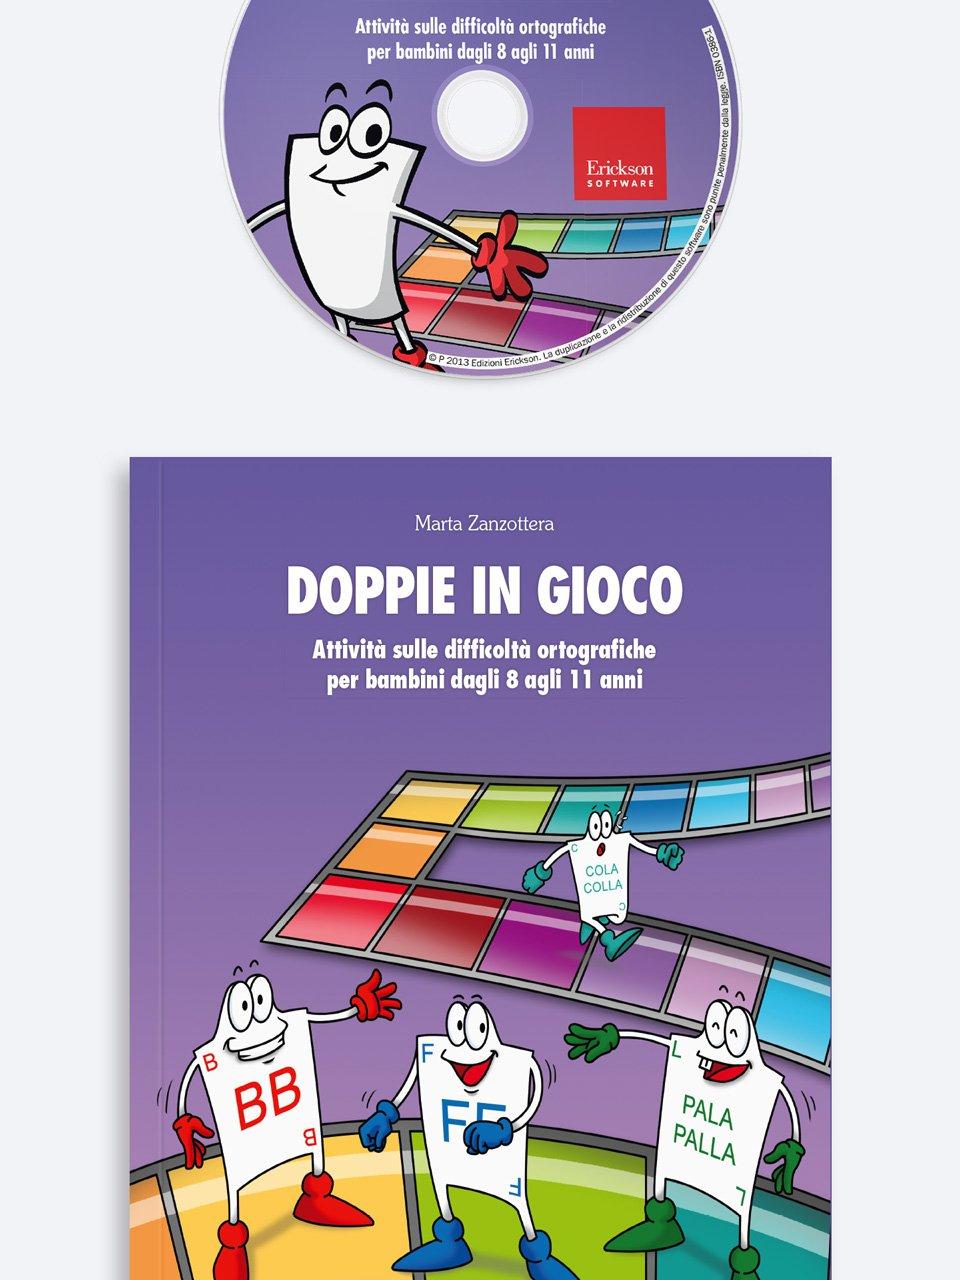 Doppie in gioco - Schede per Tablotto (6-8 anni) - Grammatica incant - Giochi - Erickson 3